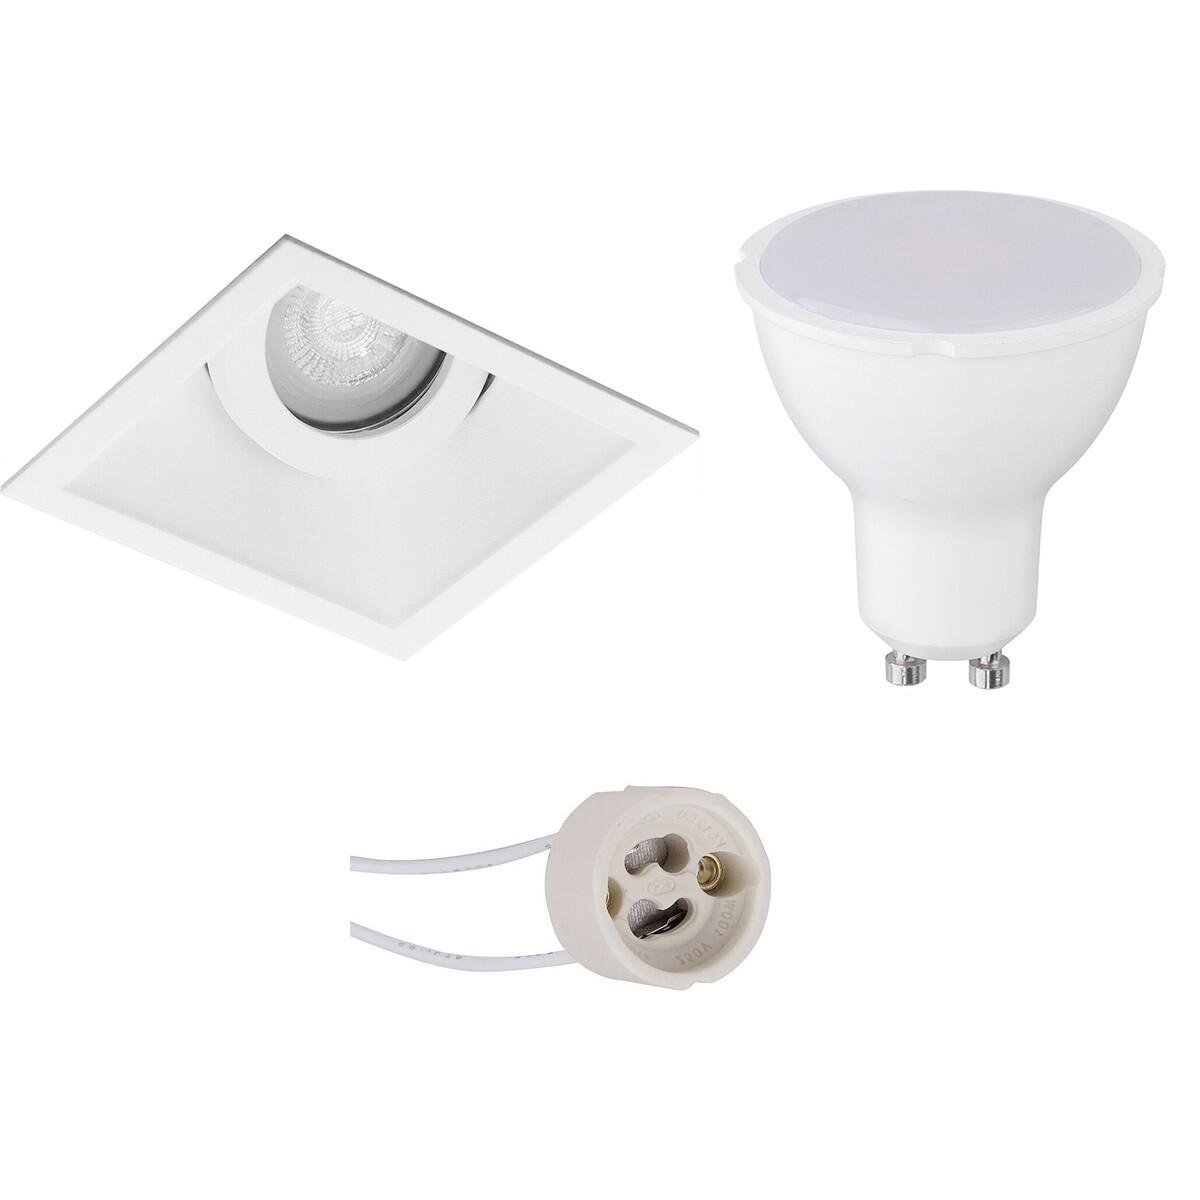 LED Spot Set - Pragmi Zano Pro - GU10 Fitting - Inbouw Vierkant - Mat Wit - 4W - Helder/Koud Wit 640